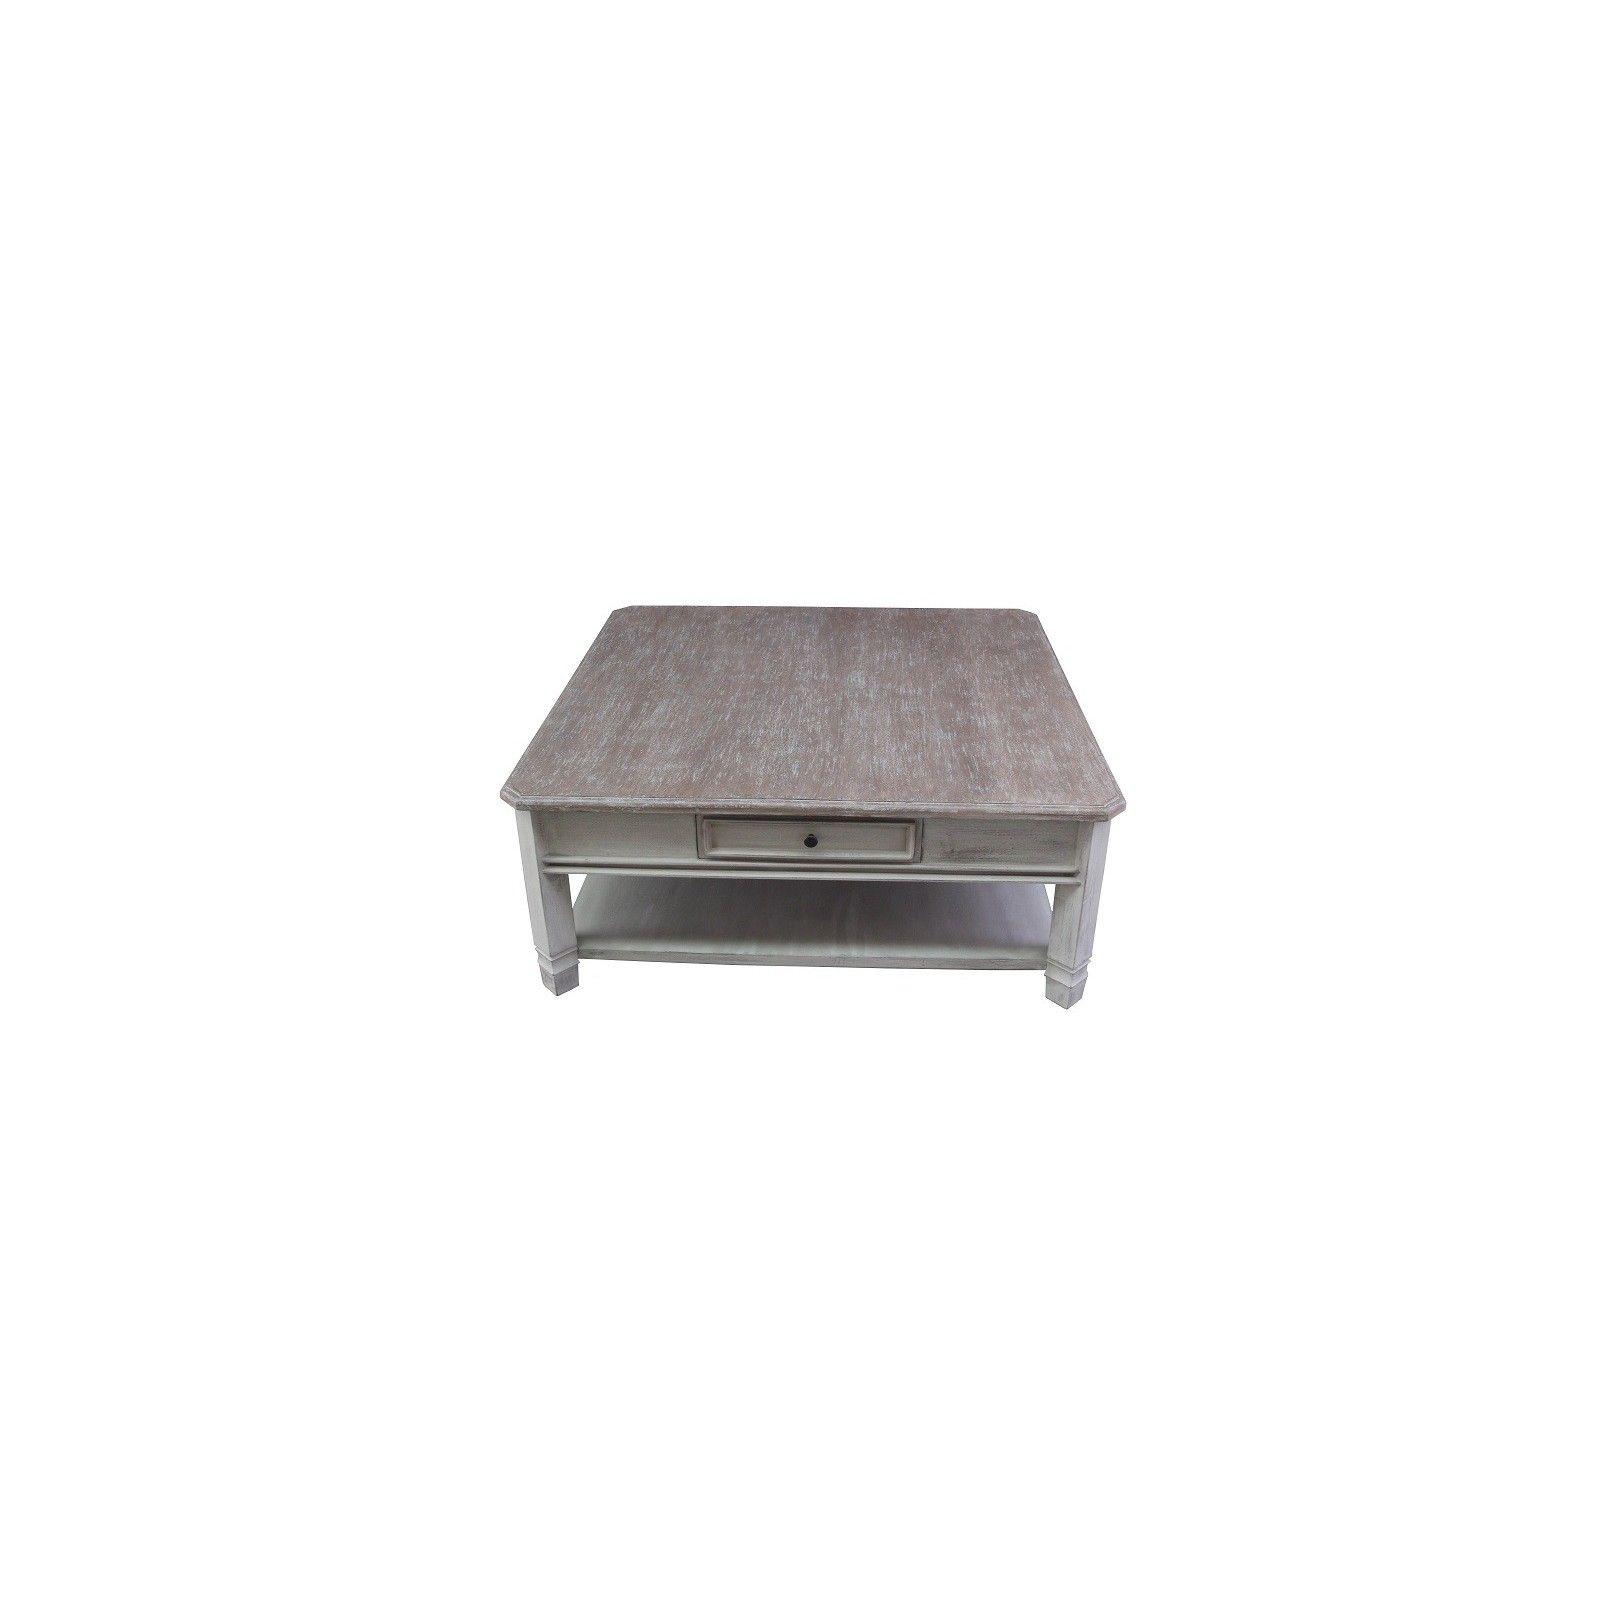 Table basse carrée Manoir haut de gamme en bois manguier massif 110cm x 110cm